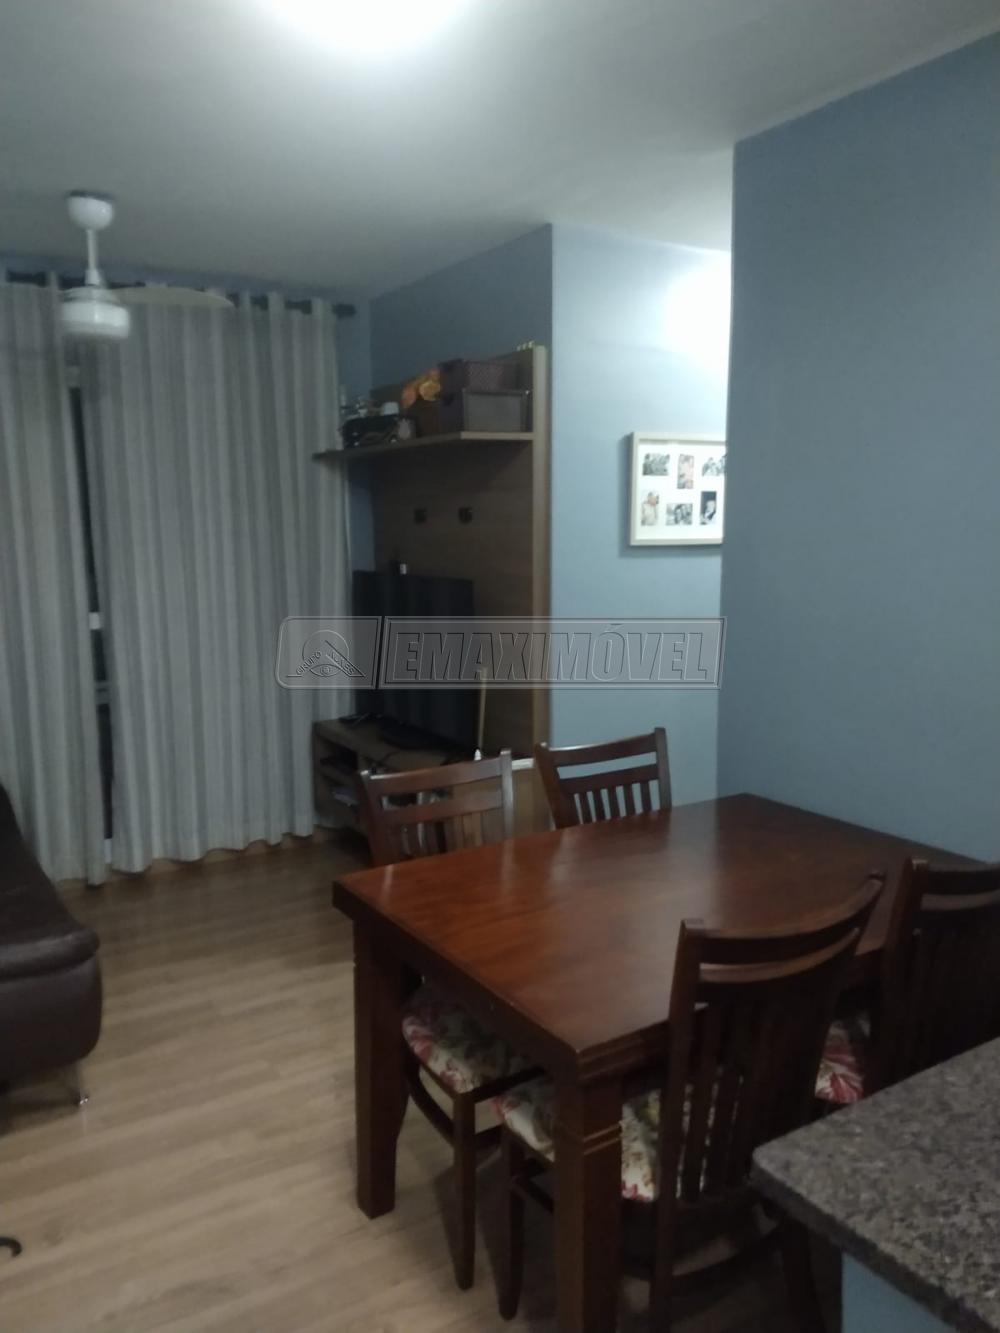 Comprar Apartamento / Padrão em Sorocaba R$ 345.000,00 - Foto 1